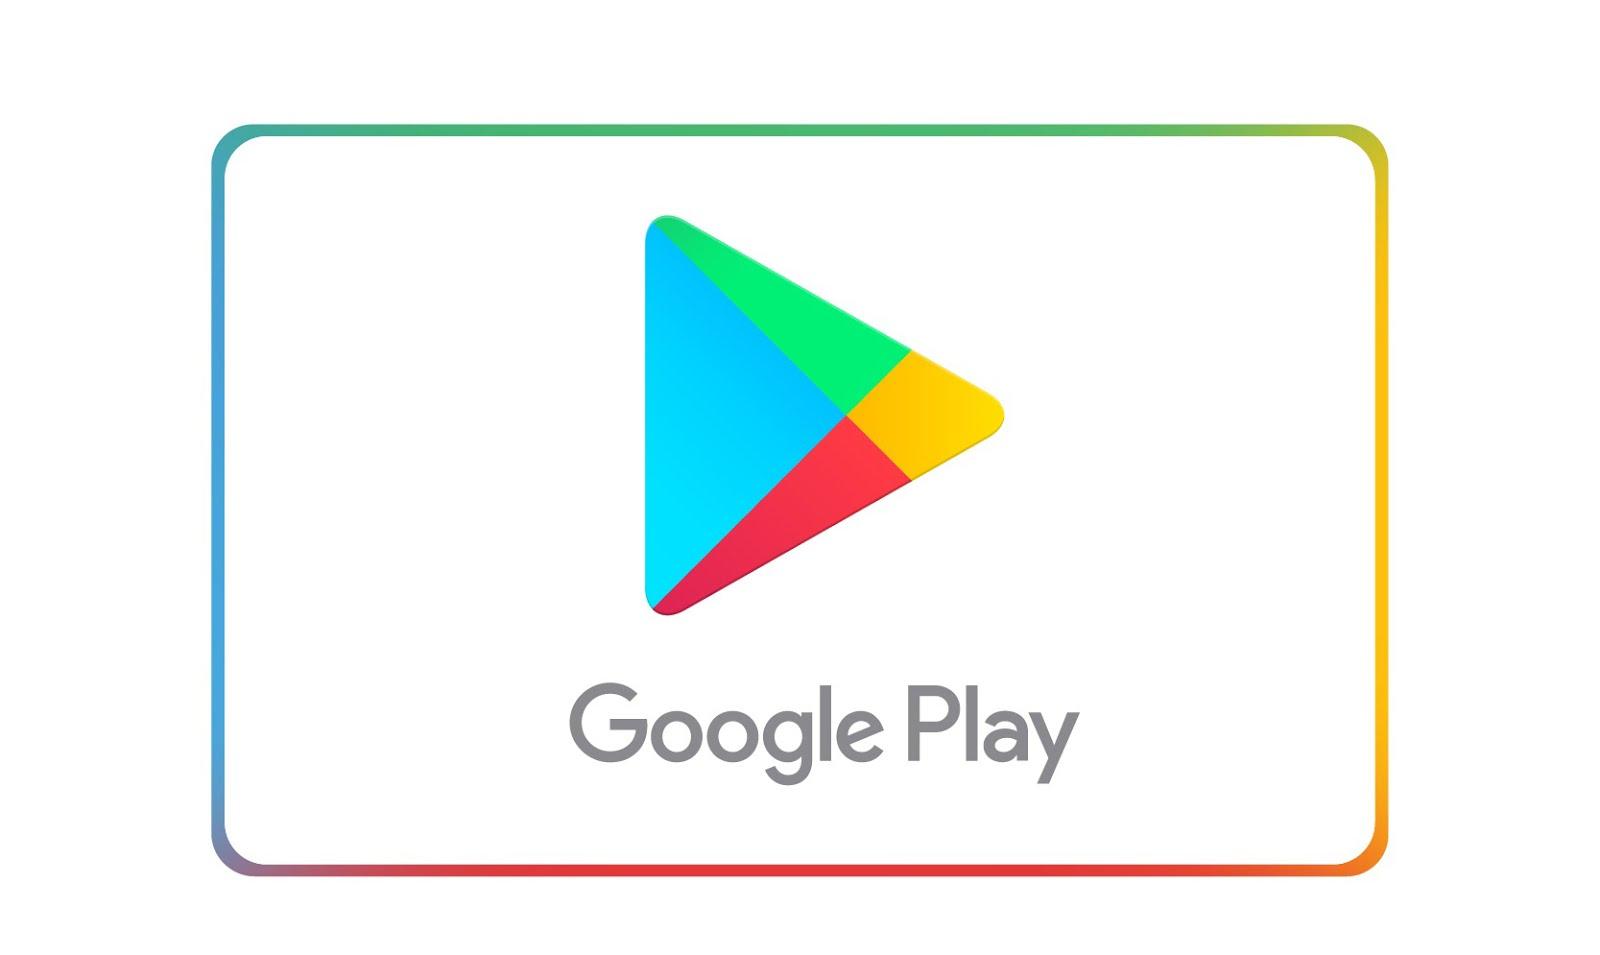 Twra Sto Google Play Katevaseto Sto Kinito Sou